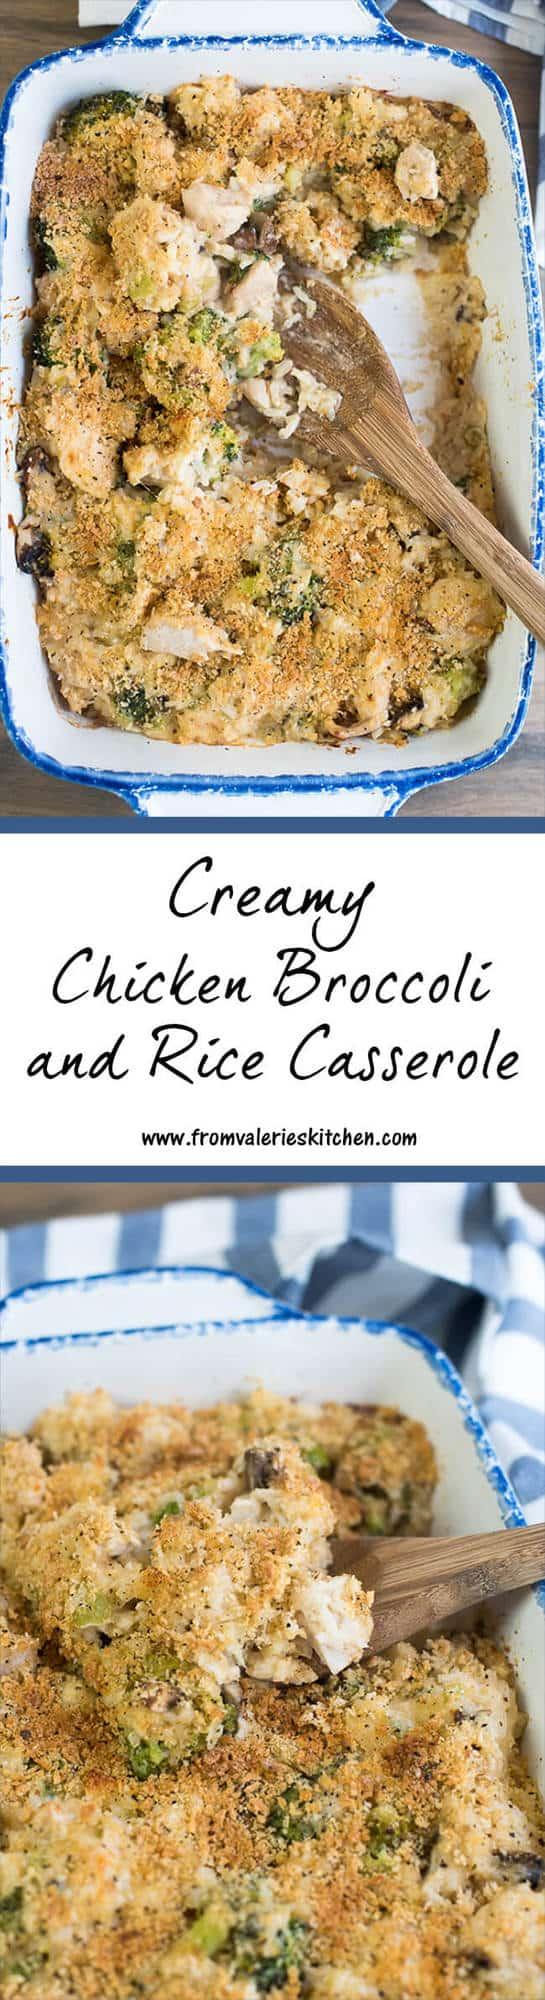 Creamy Chicken Broccoli and Rice Casserole